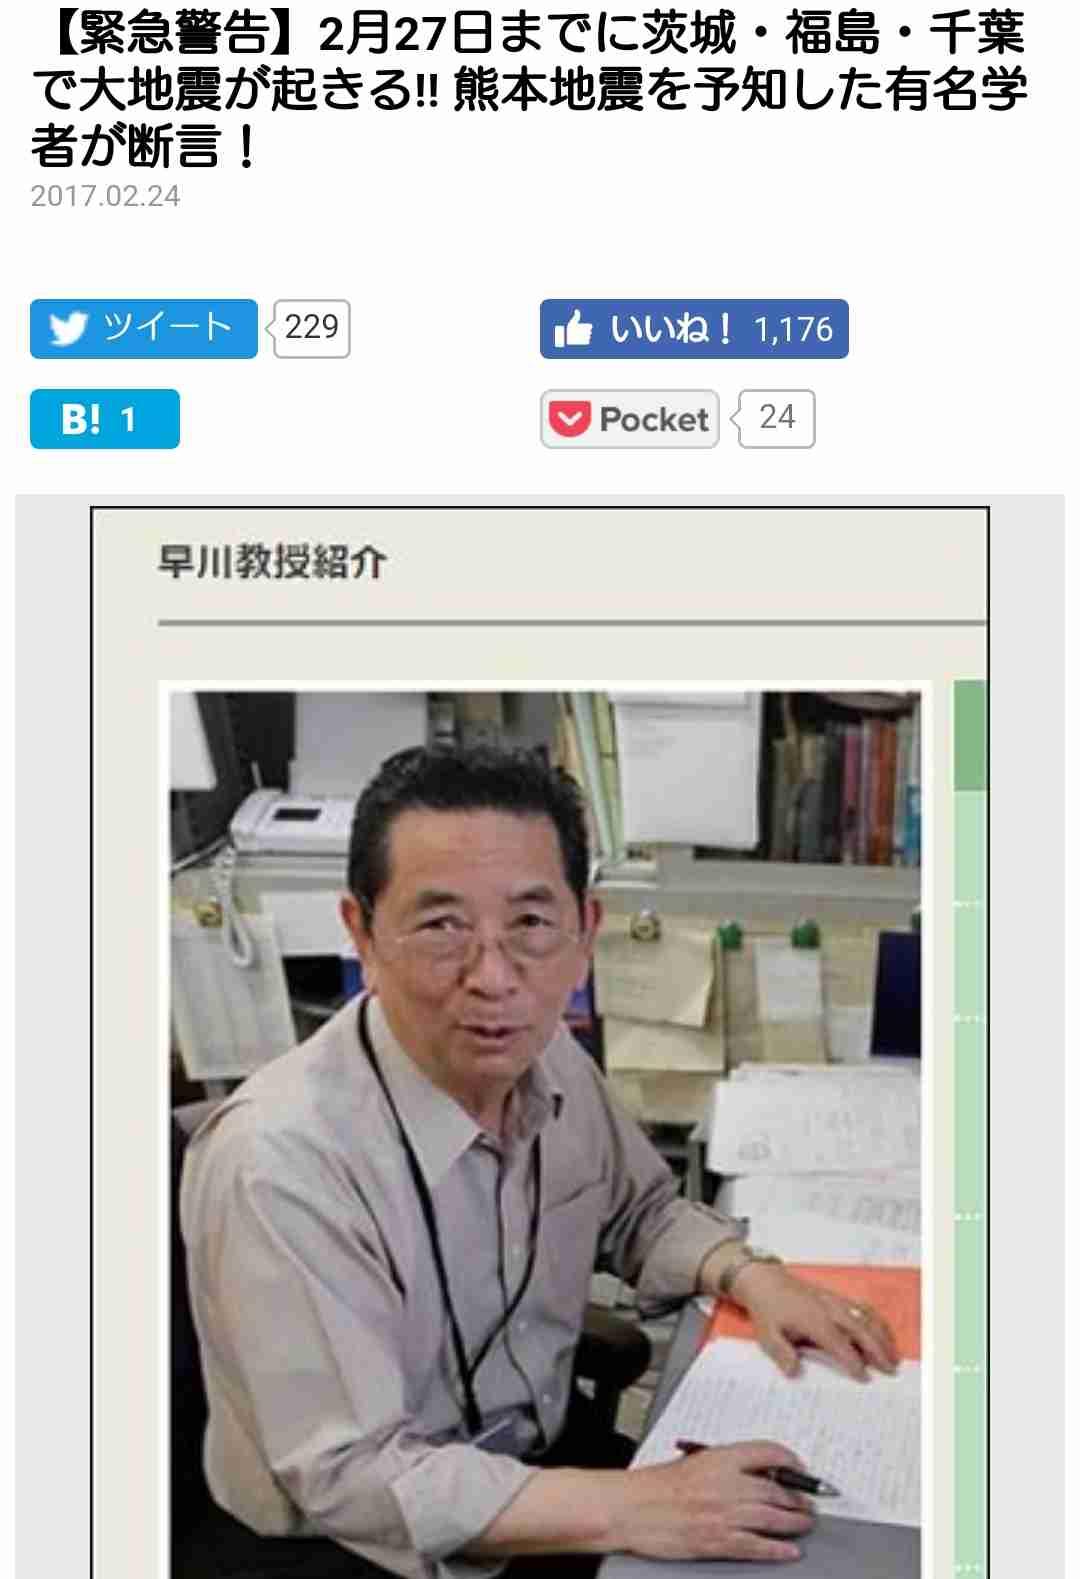 【地震】宮城 福島で震度5弱